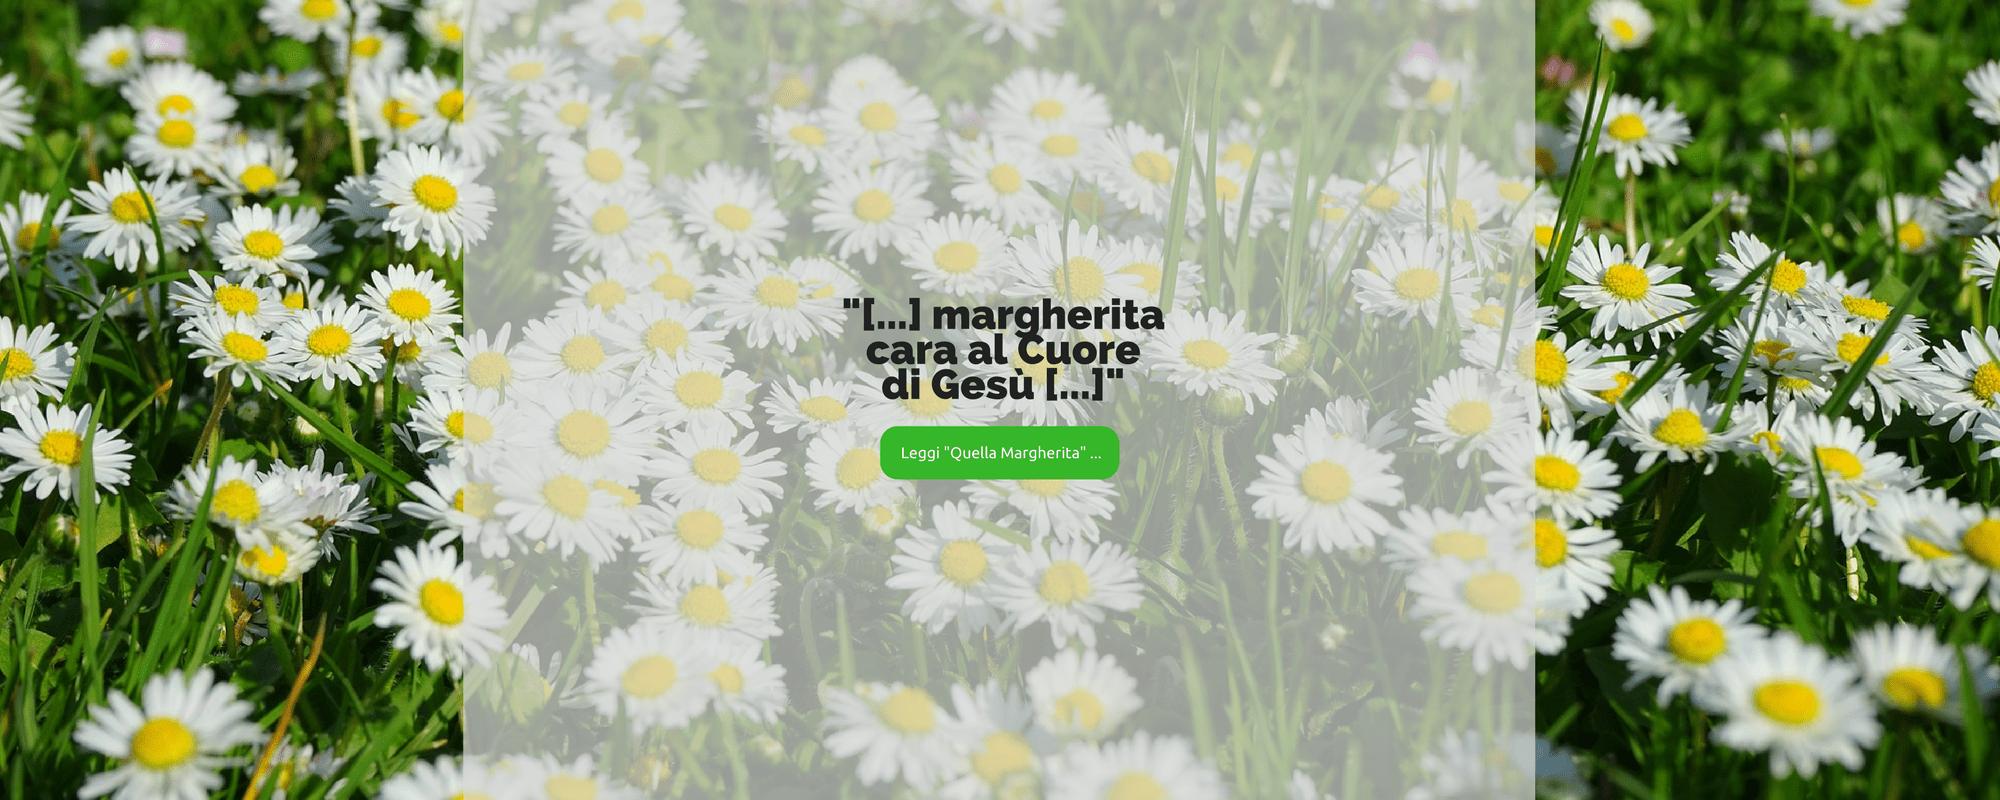 002_Slider_Margherita-al-Cuore-di-Gesu-min